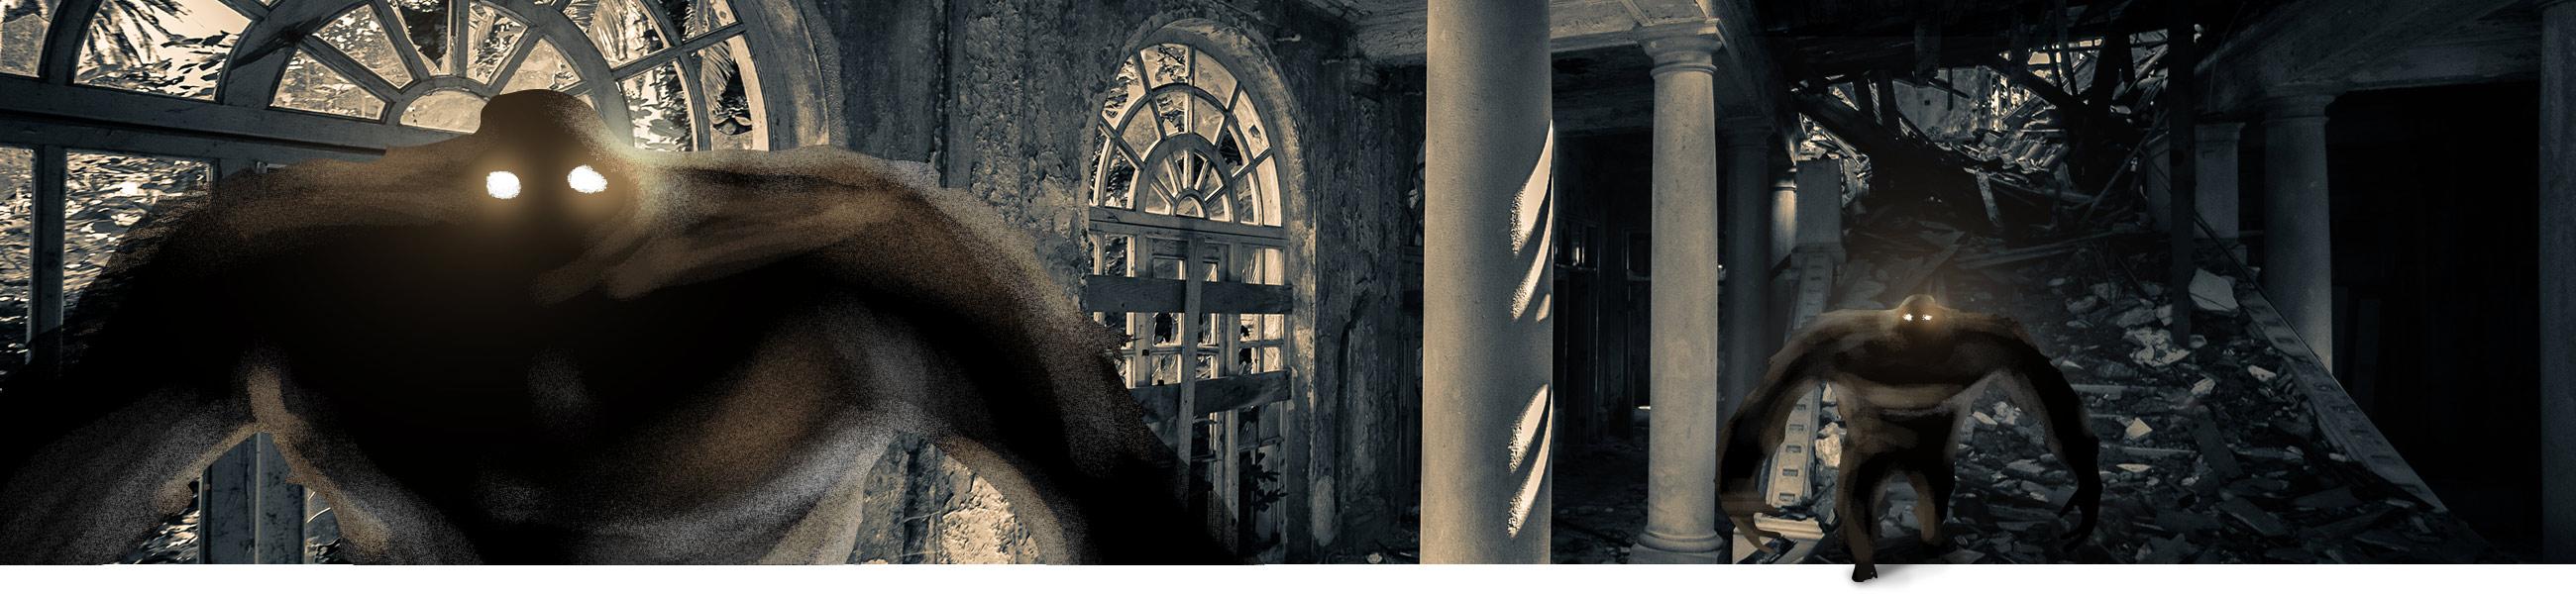 Monster-poland.com.pl - Renesans Twojego wnętrza